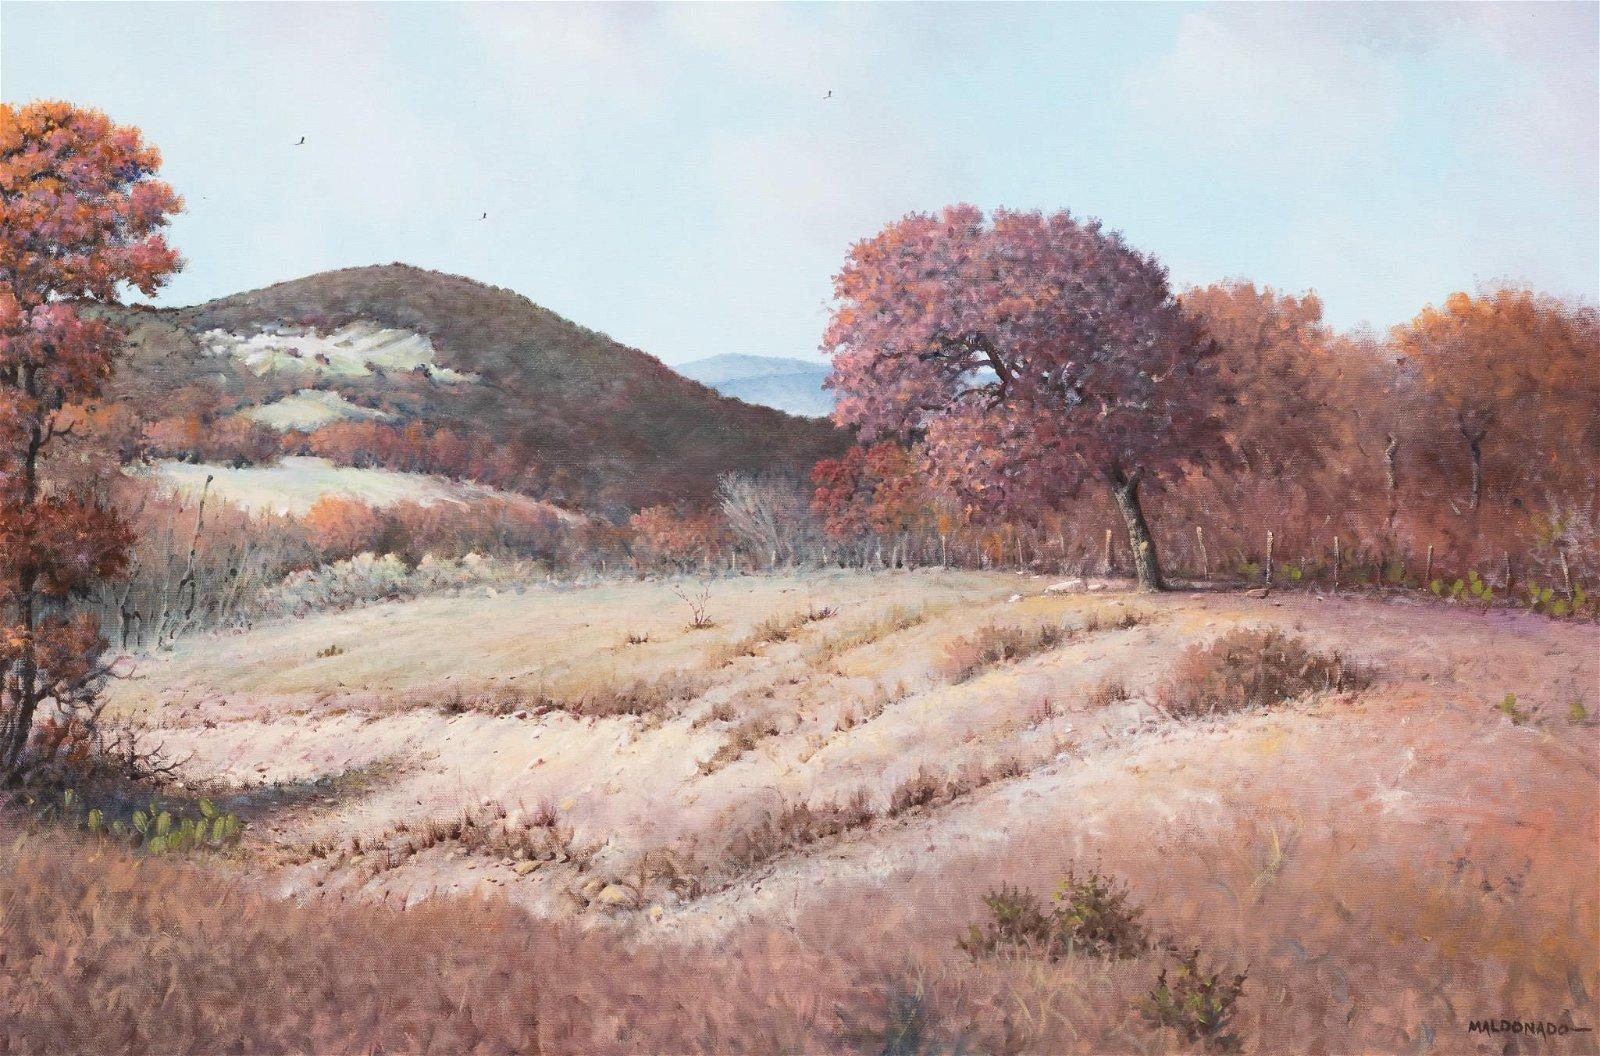 Daniel Maldonado (d. 2019), Fall in the Hill Country